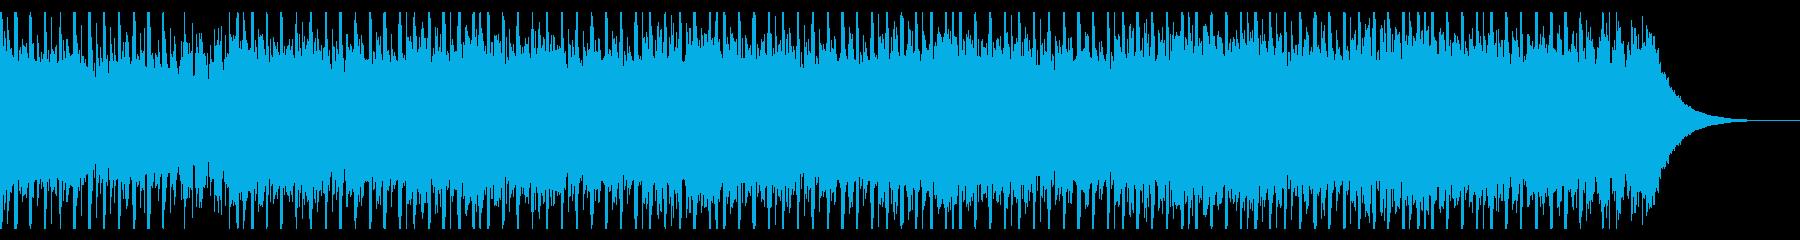 建設ビル(60秒)の再生済みの波形